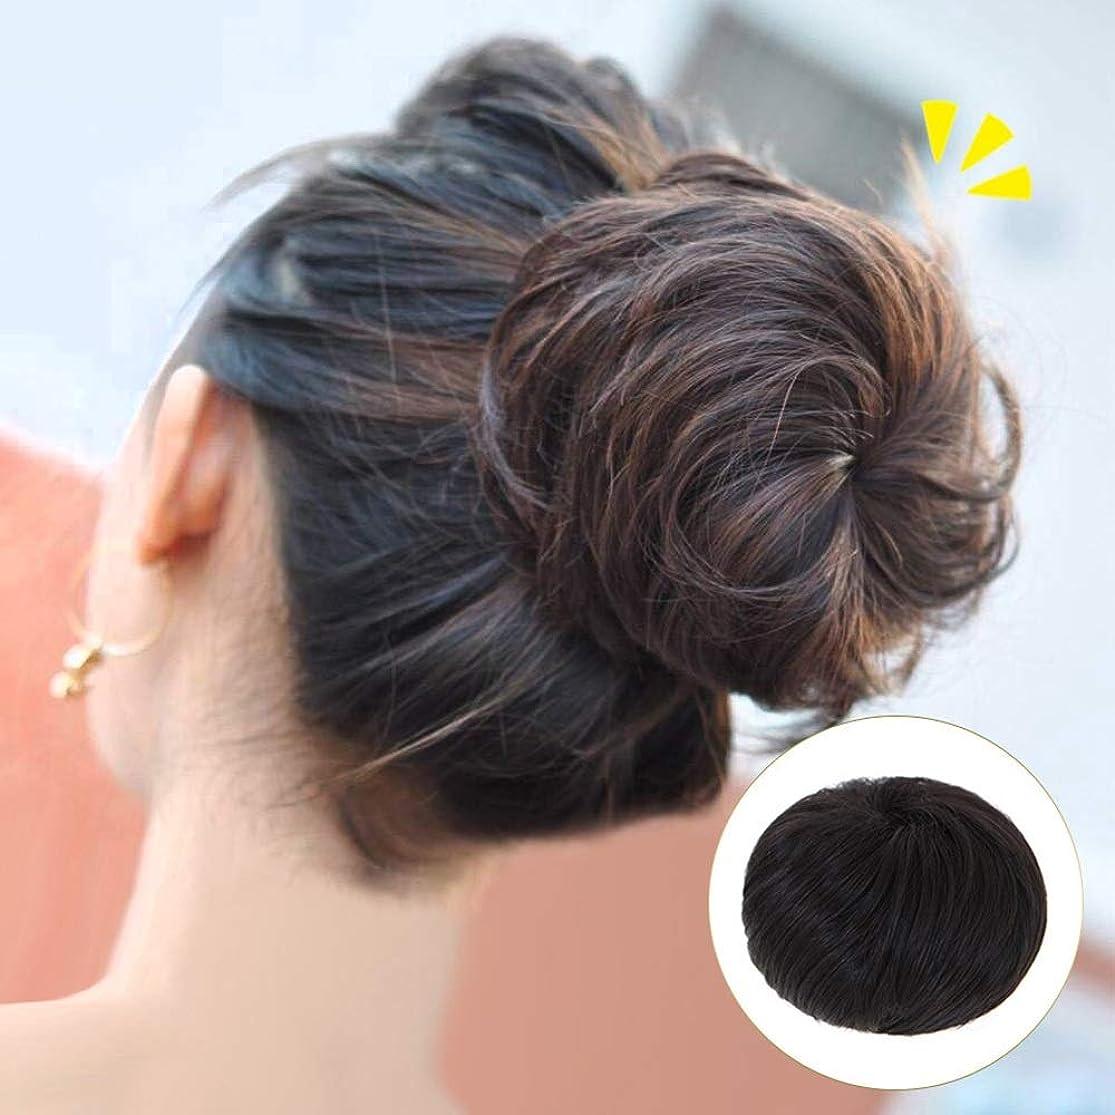 専制個人法律によりかつら 短い巻き毛のポニーテールラップ巾着パフポニーテールヘアエクステンションウィッグクリップ - ナチュラルブラックパーティーウィッグ (色 : 淡い茶色, サイズ : Straight hair)